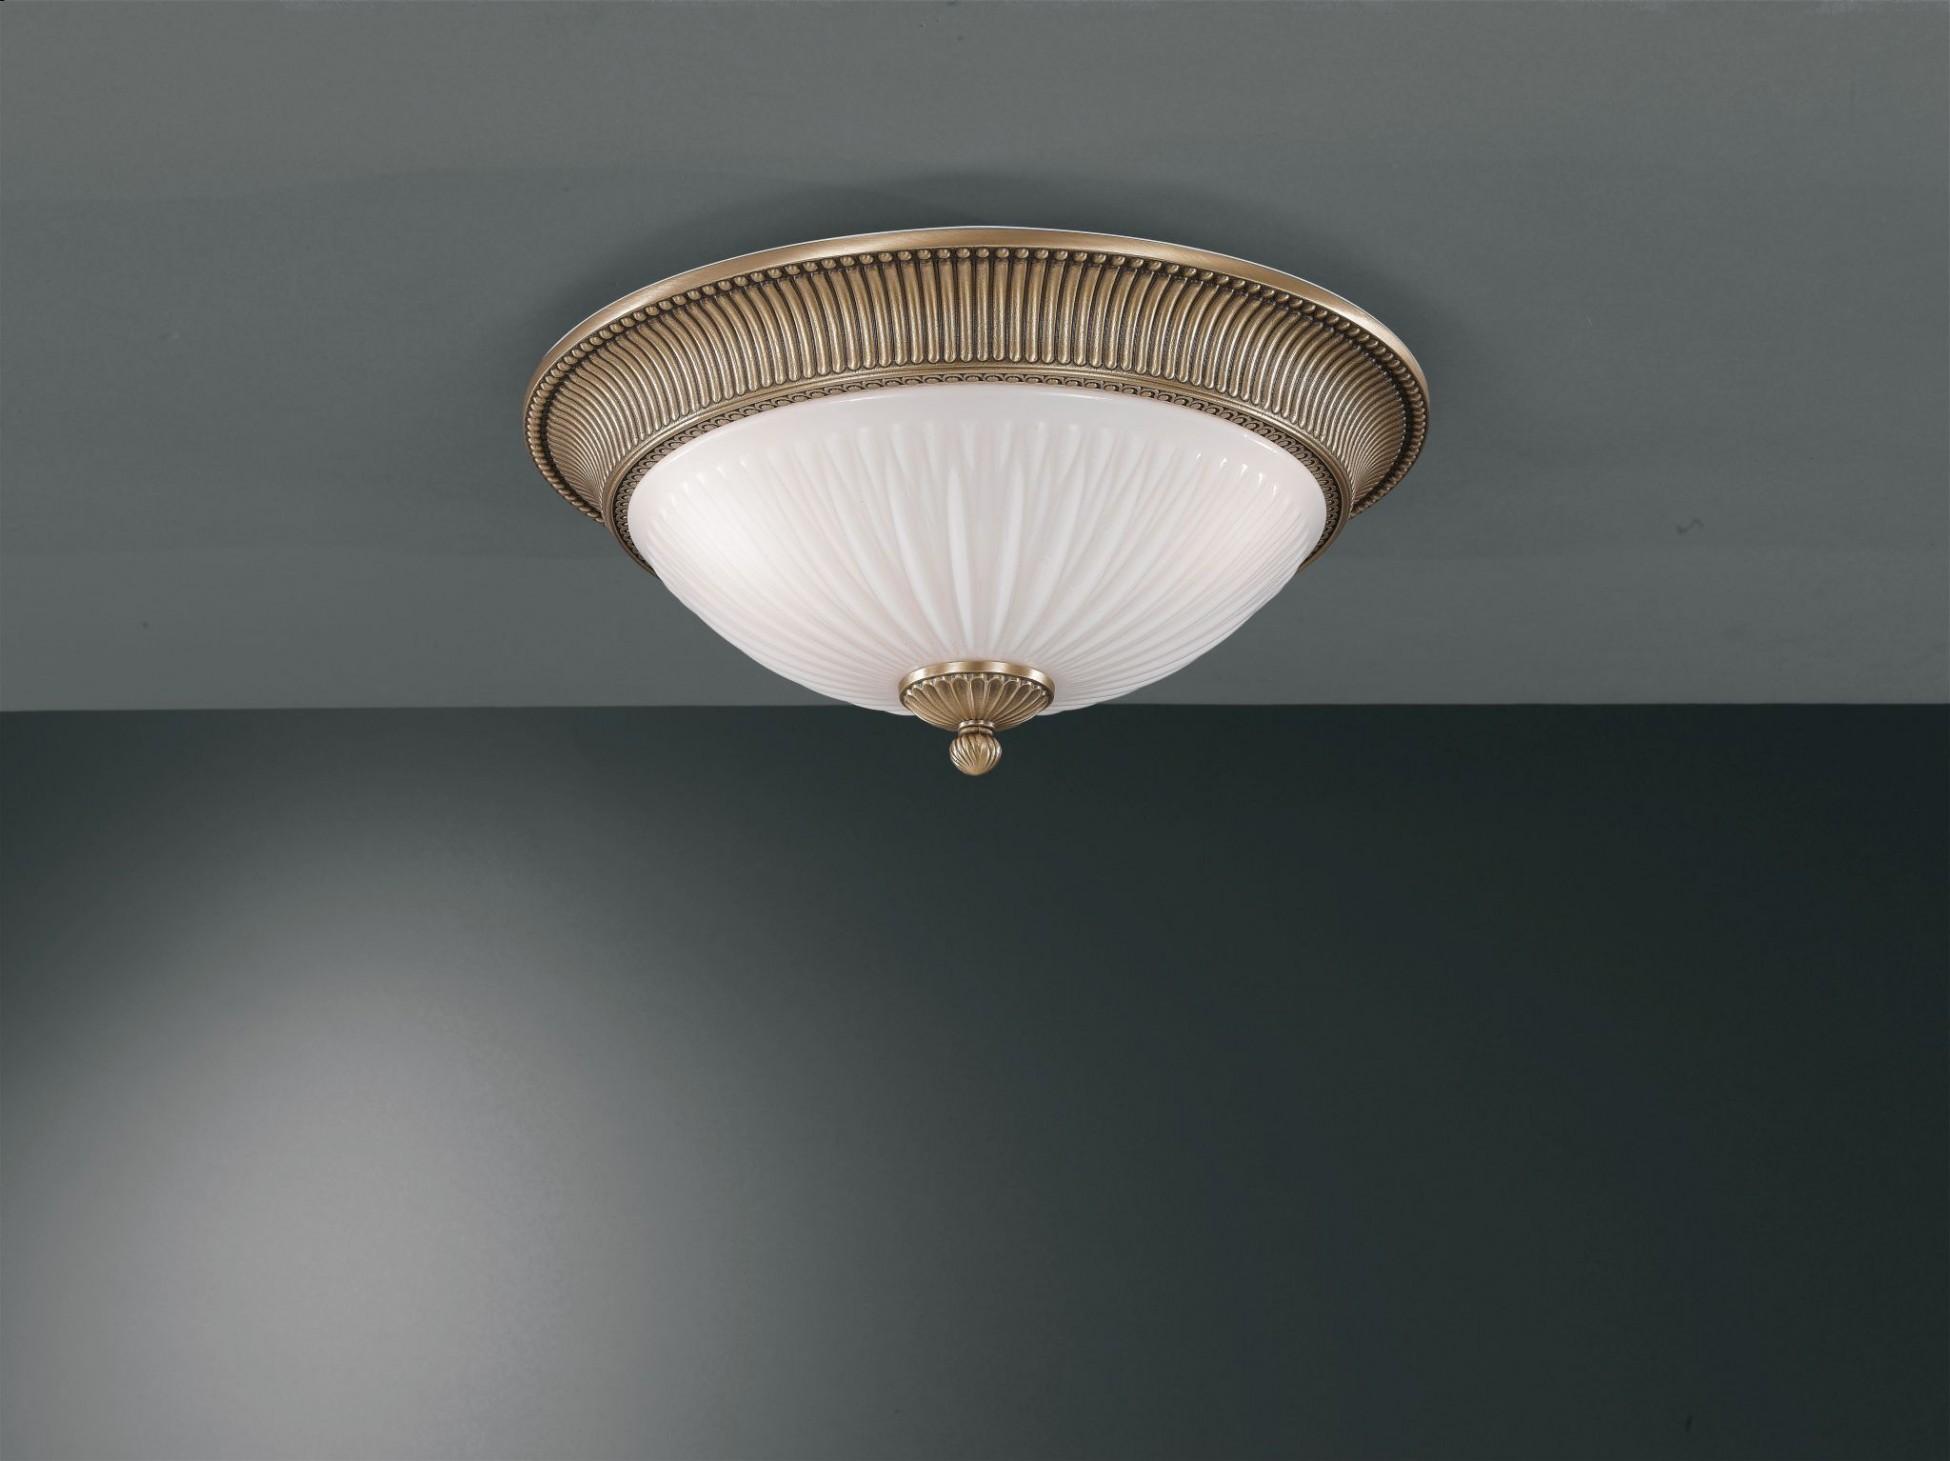 Plafoniere Ottone E Vetro : Plafoniera in ottone e vetro bianco soffiato rigato 2 luci 41 cm